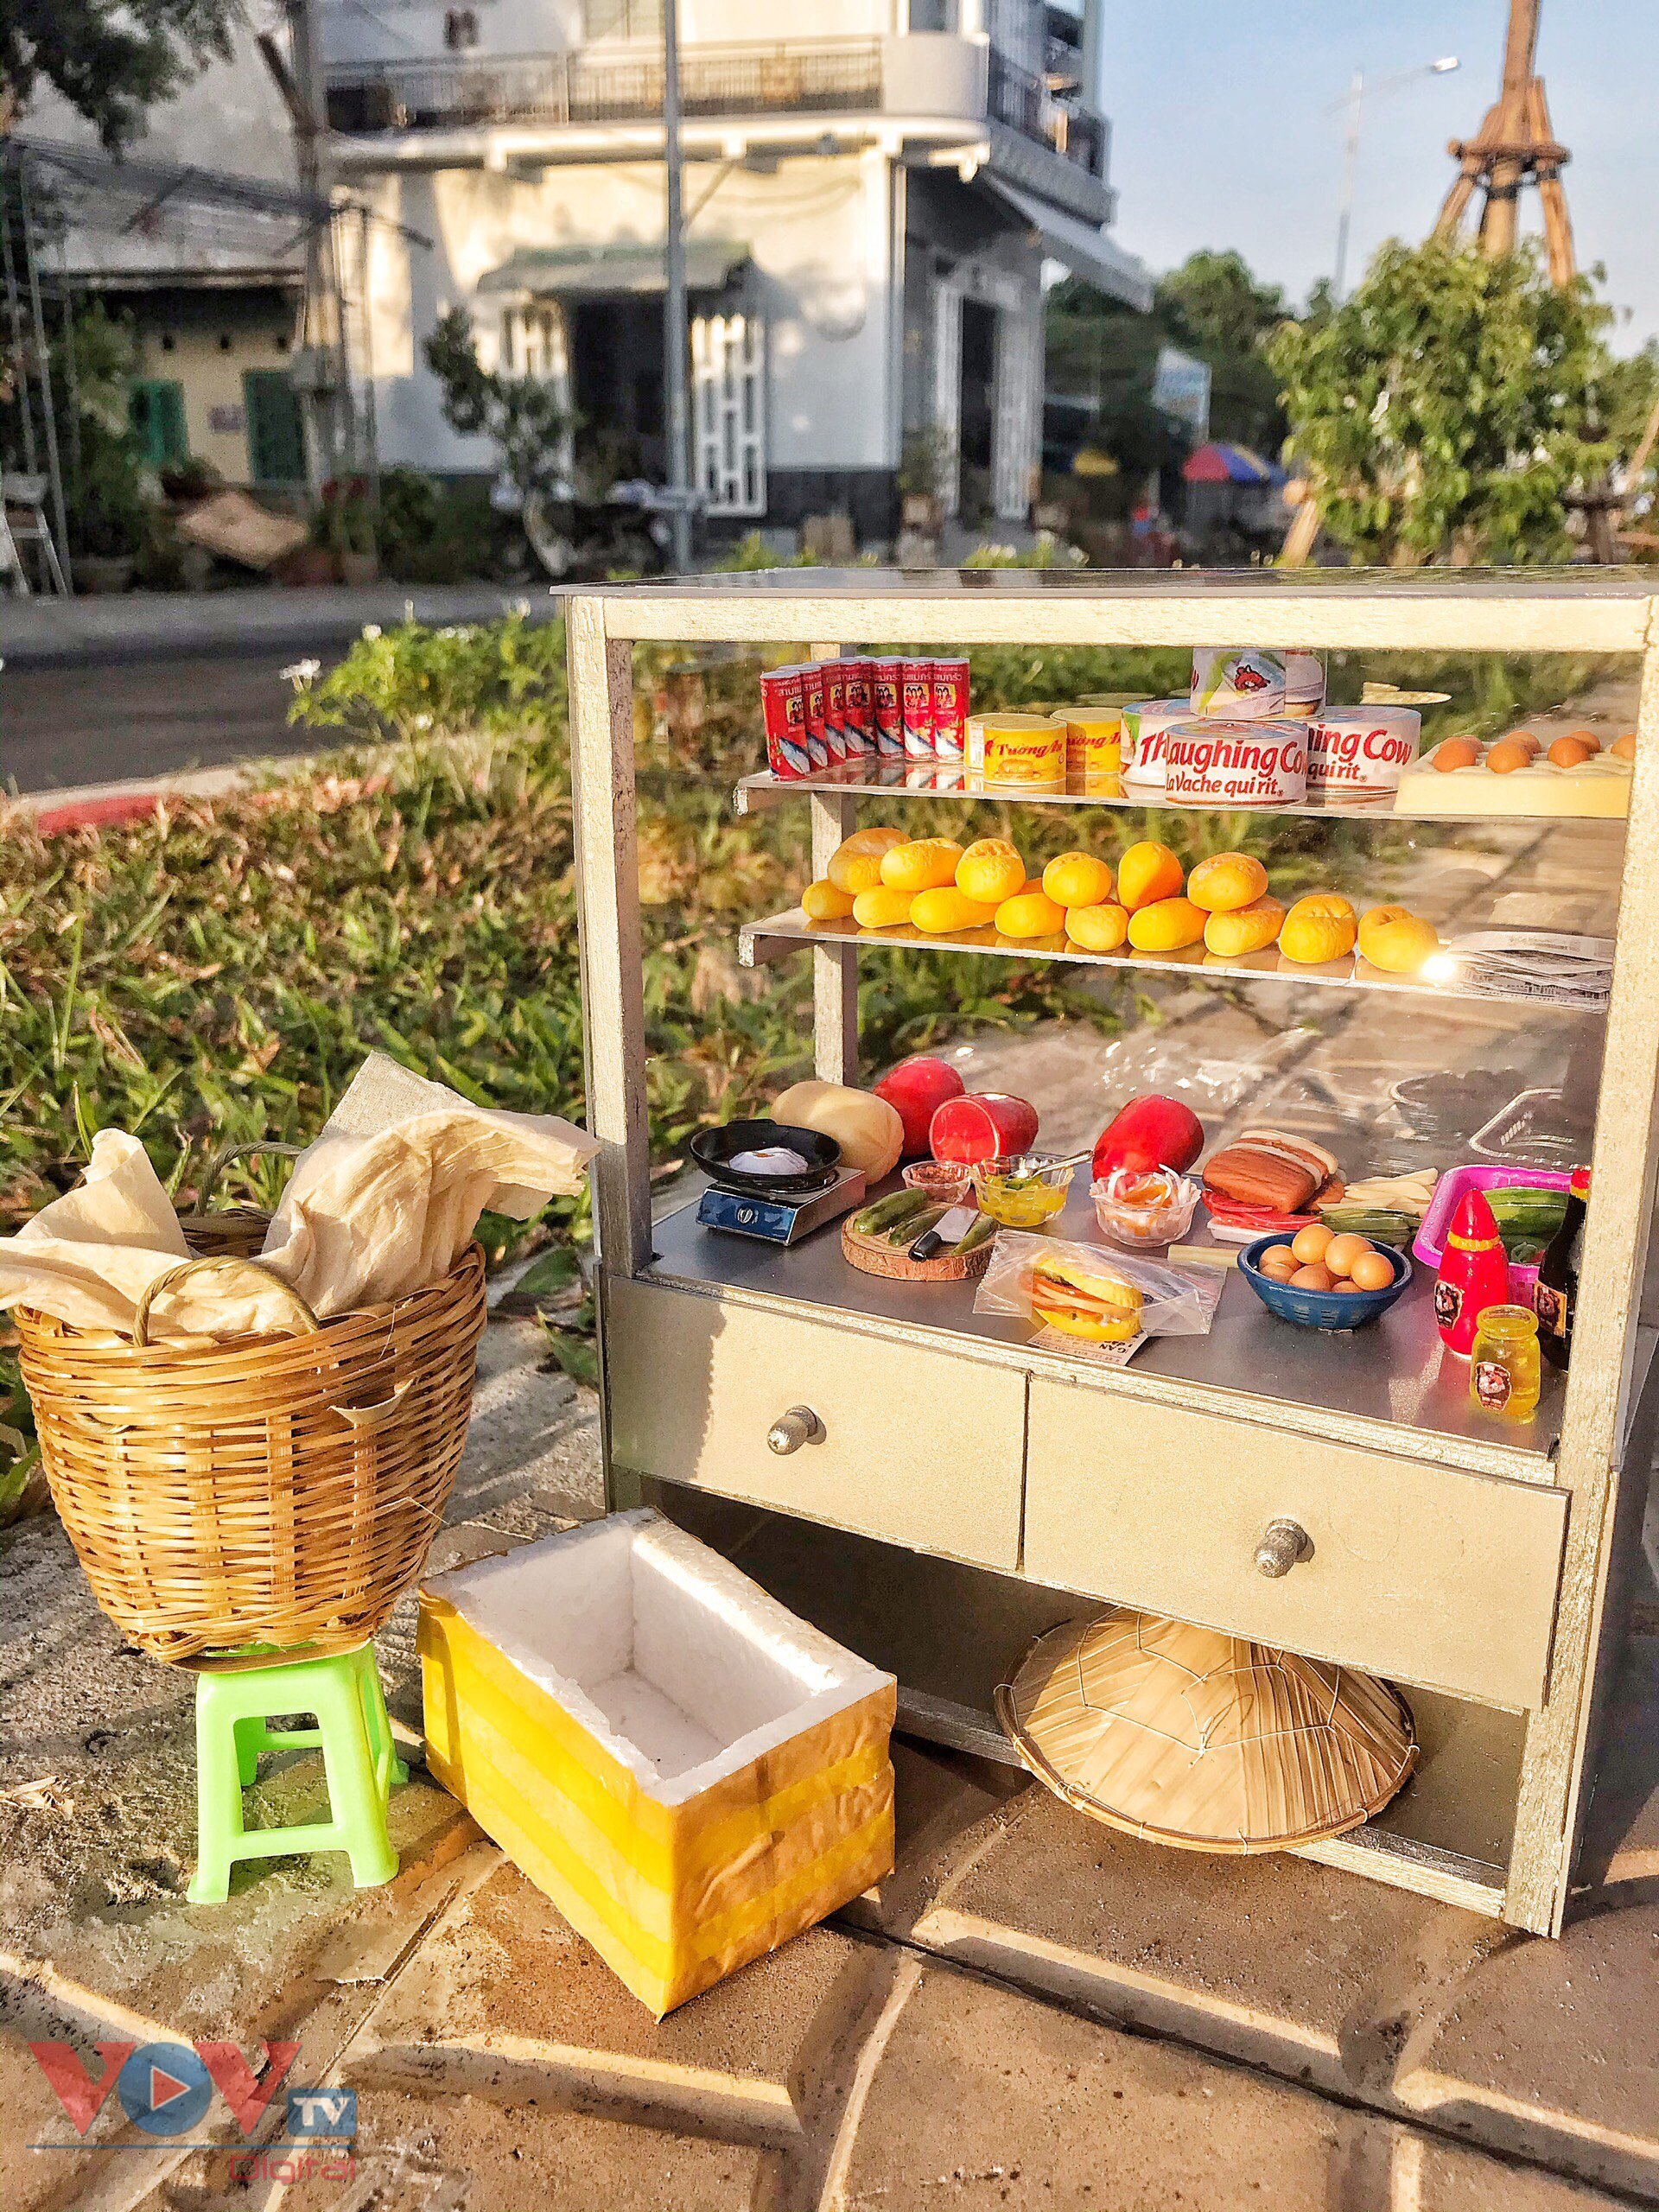 Xe bán bánh mì là một trong những mô hình đánh dấu sự đổi thay, khéo léo trên con đương lập nghiệp của chị Thanh Thảo